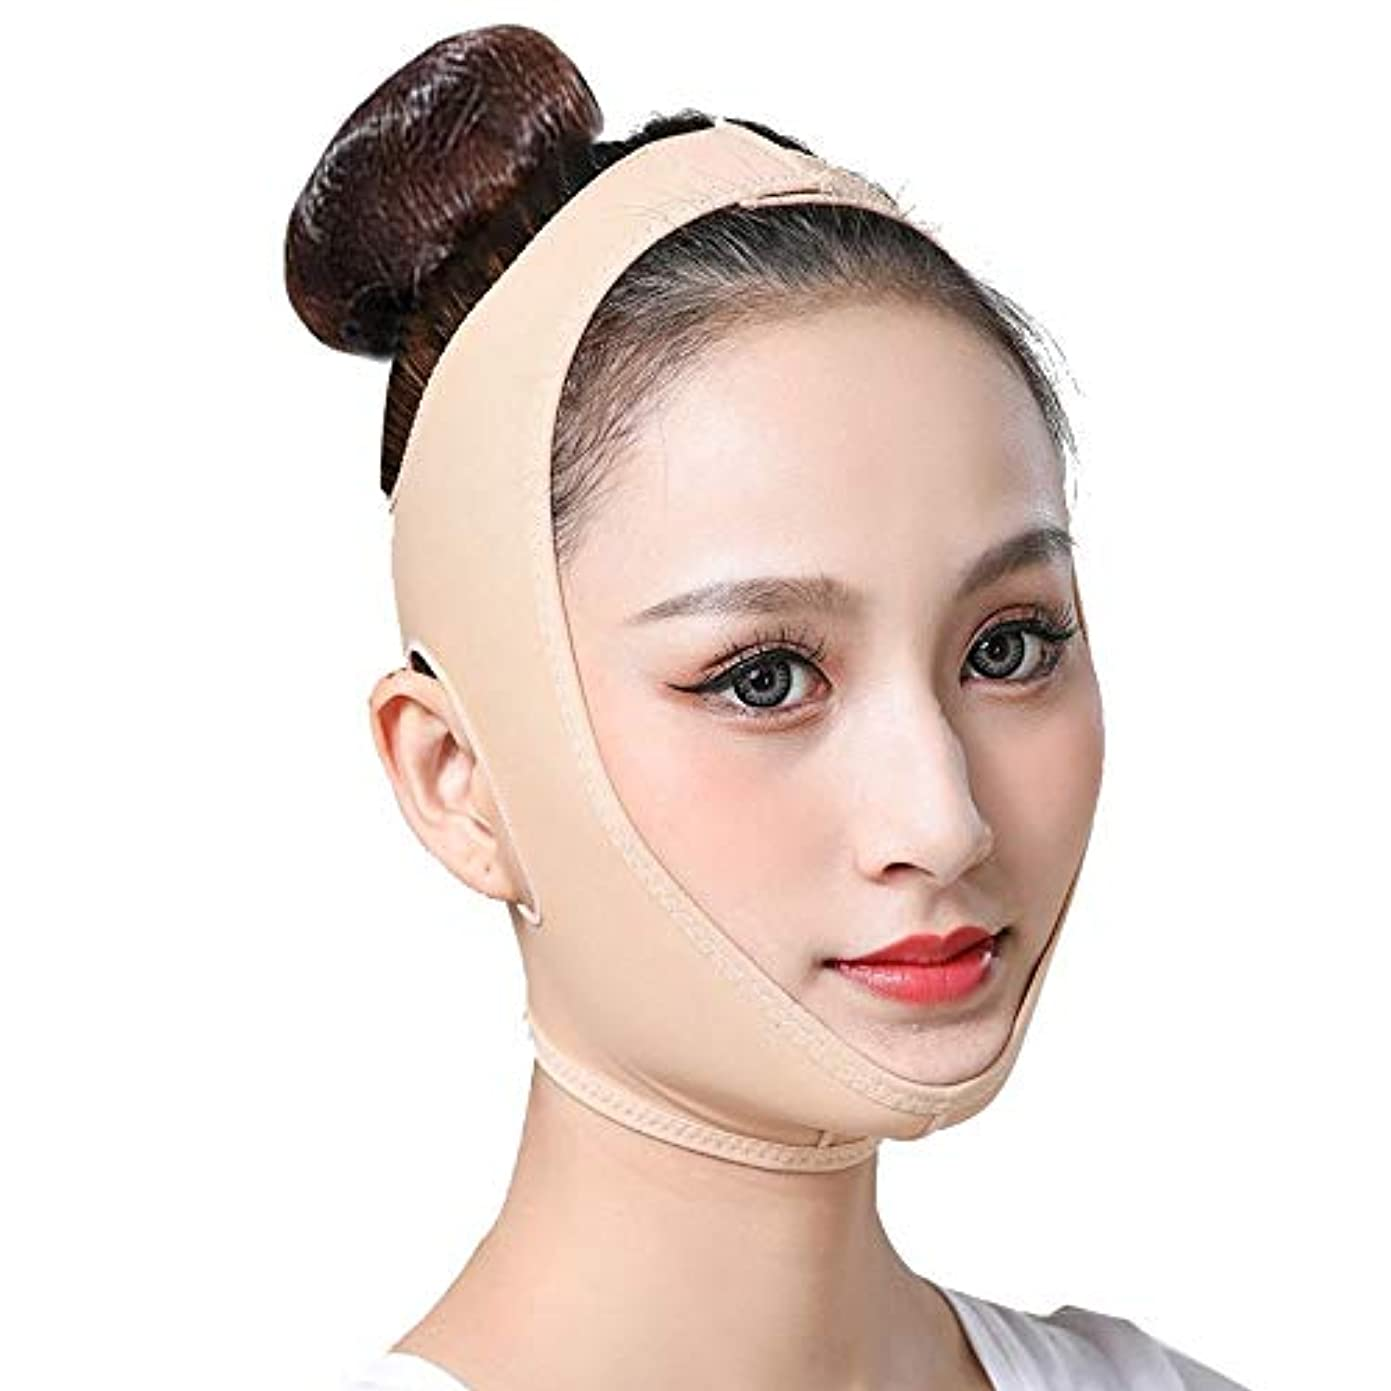 健全内陸損なうフェイスリフティングベルト、帽子Vフェイス成形部整形顔のしわの術後の回復が咬筋筋の改善を改善するために、4つのサイズ (Color : A, Size : M)